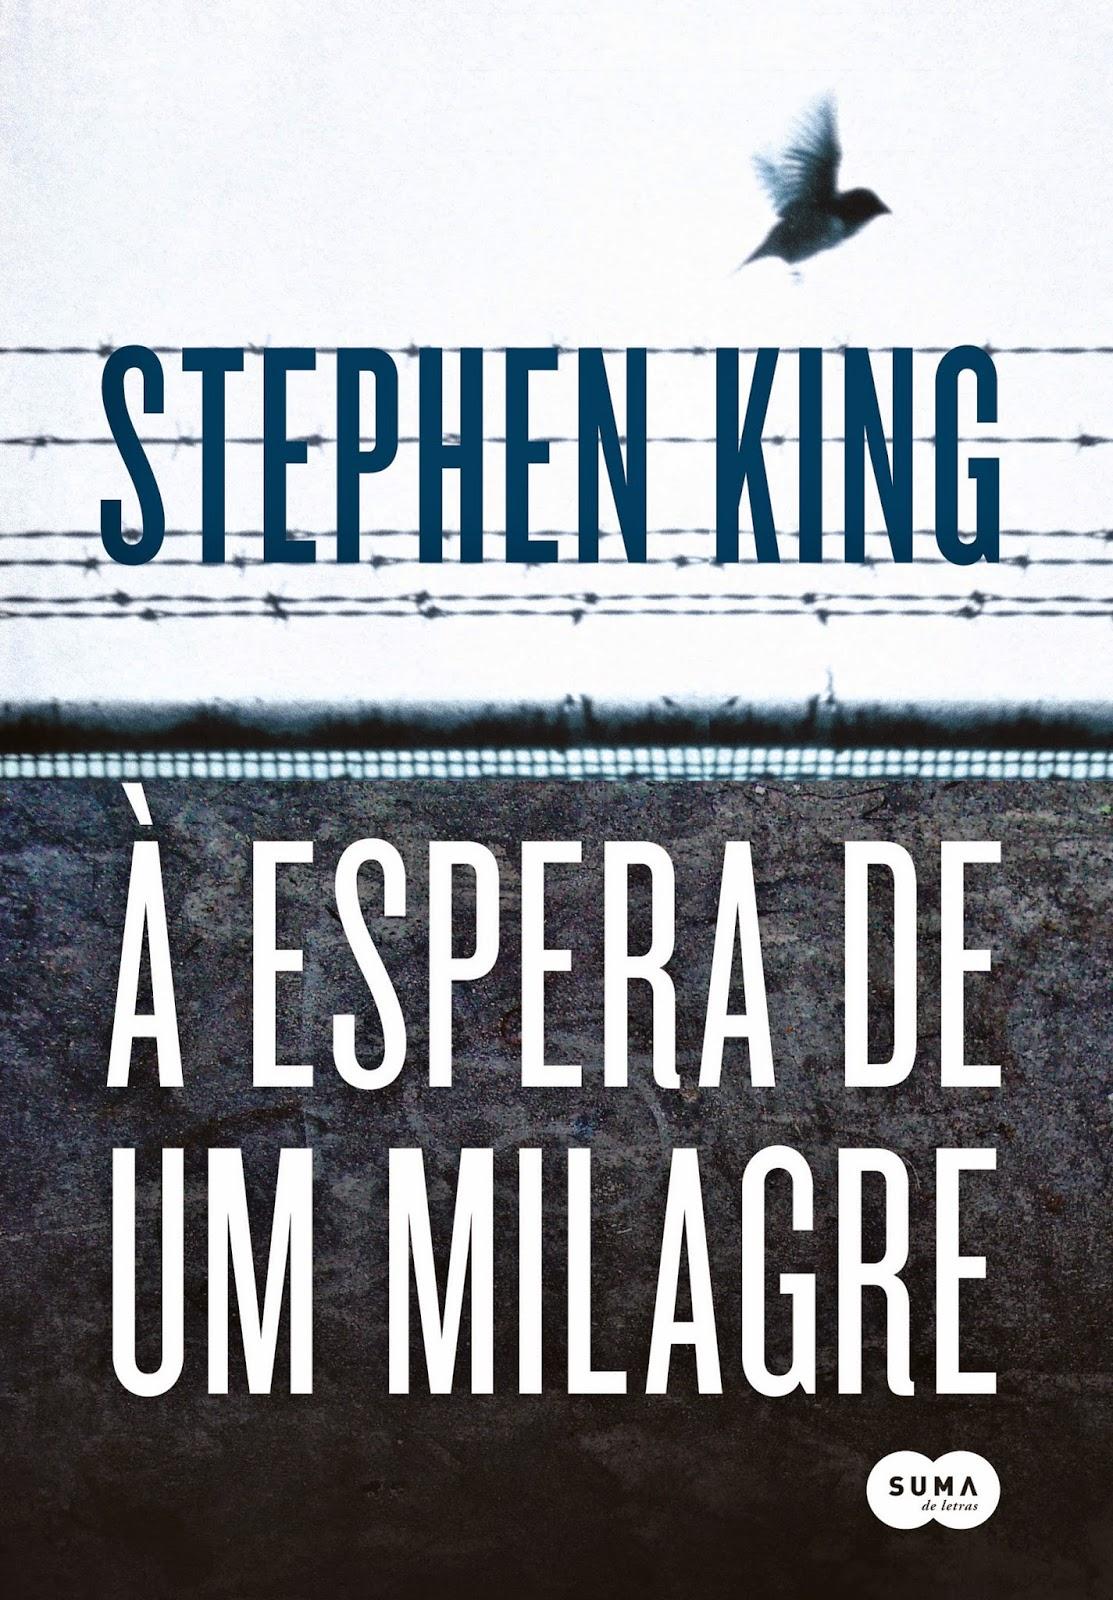 Livros e opinio este livro de stephen king foi relanado vrias vezes em terras tupiniquins em 1996 e 2000 pela objetiva em 2004 pela planeta deagostini fandeluxe Images